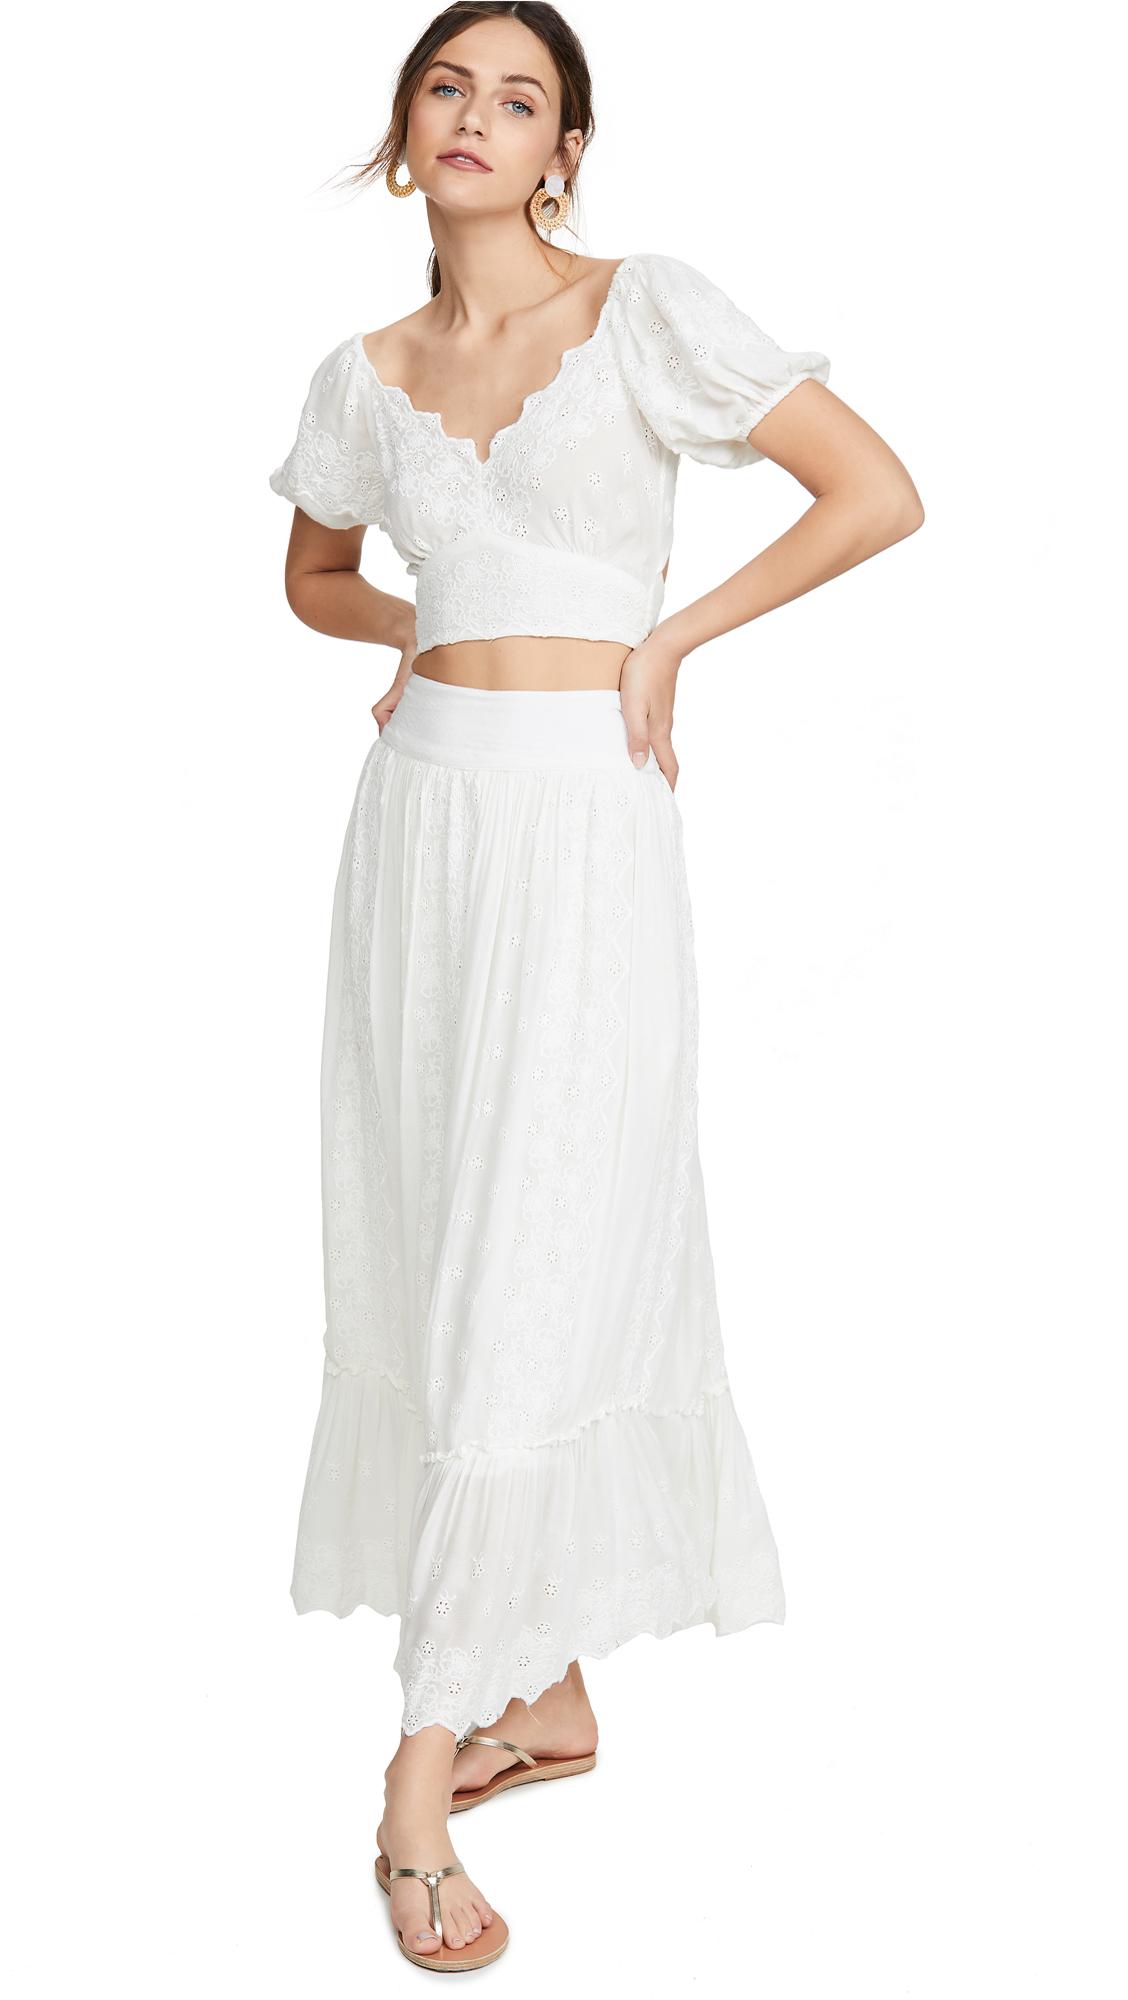 39ea843a9fe0 Free People Ella Shirt & Skirt Set   SHOPBOP